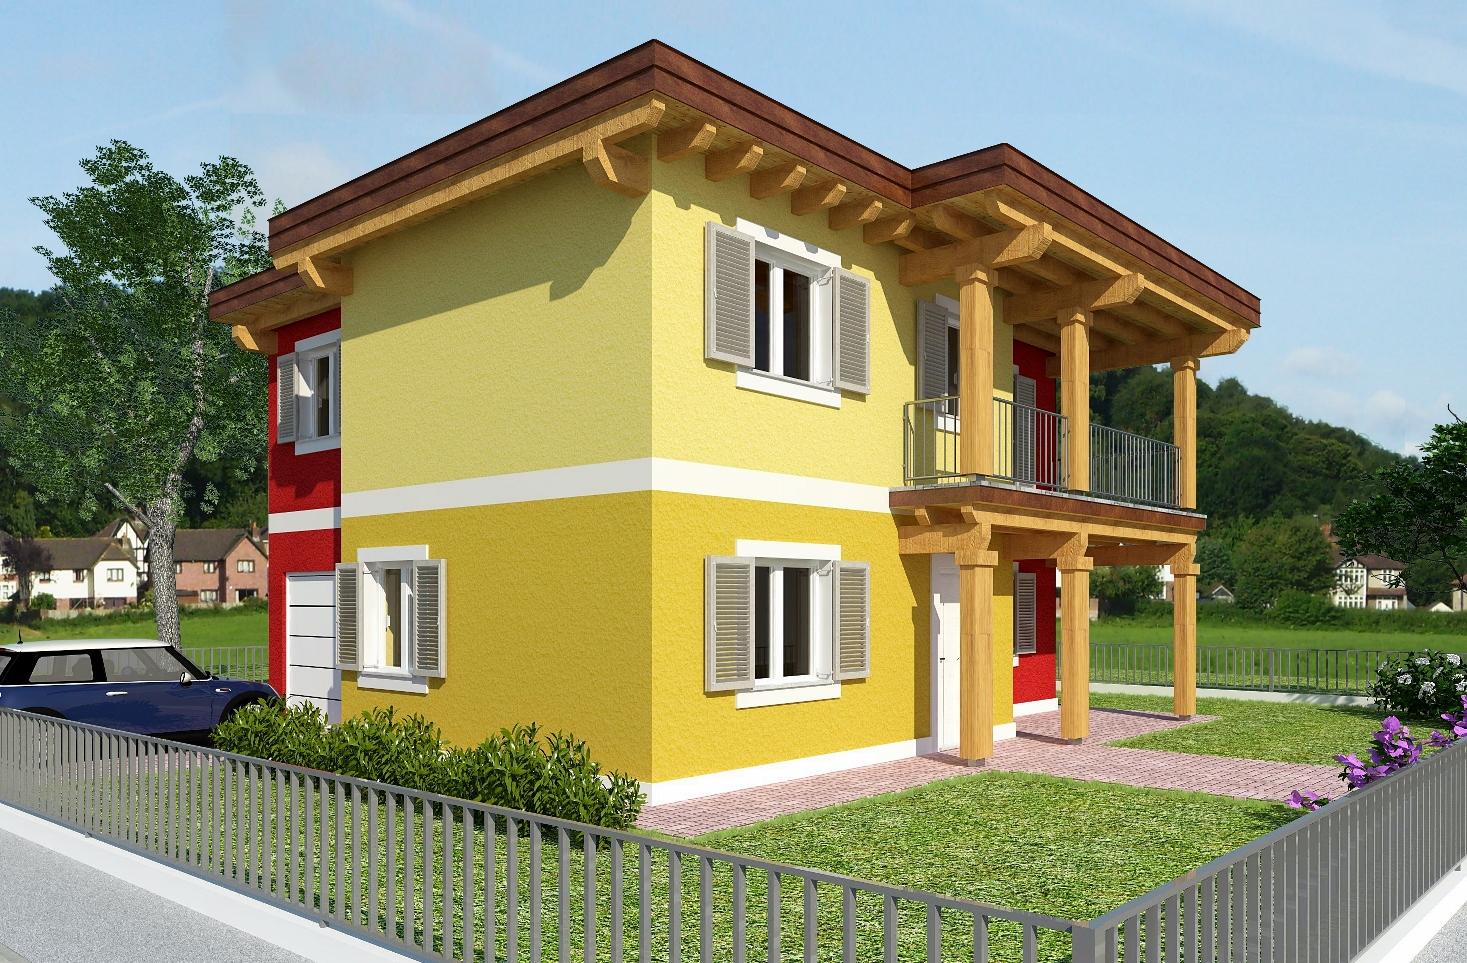 Progetti villette casa in legno a fano pu with progetti for Progetti giardino per villette